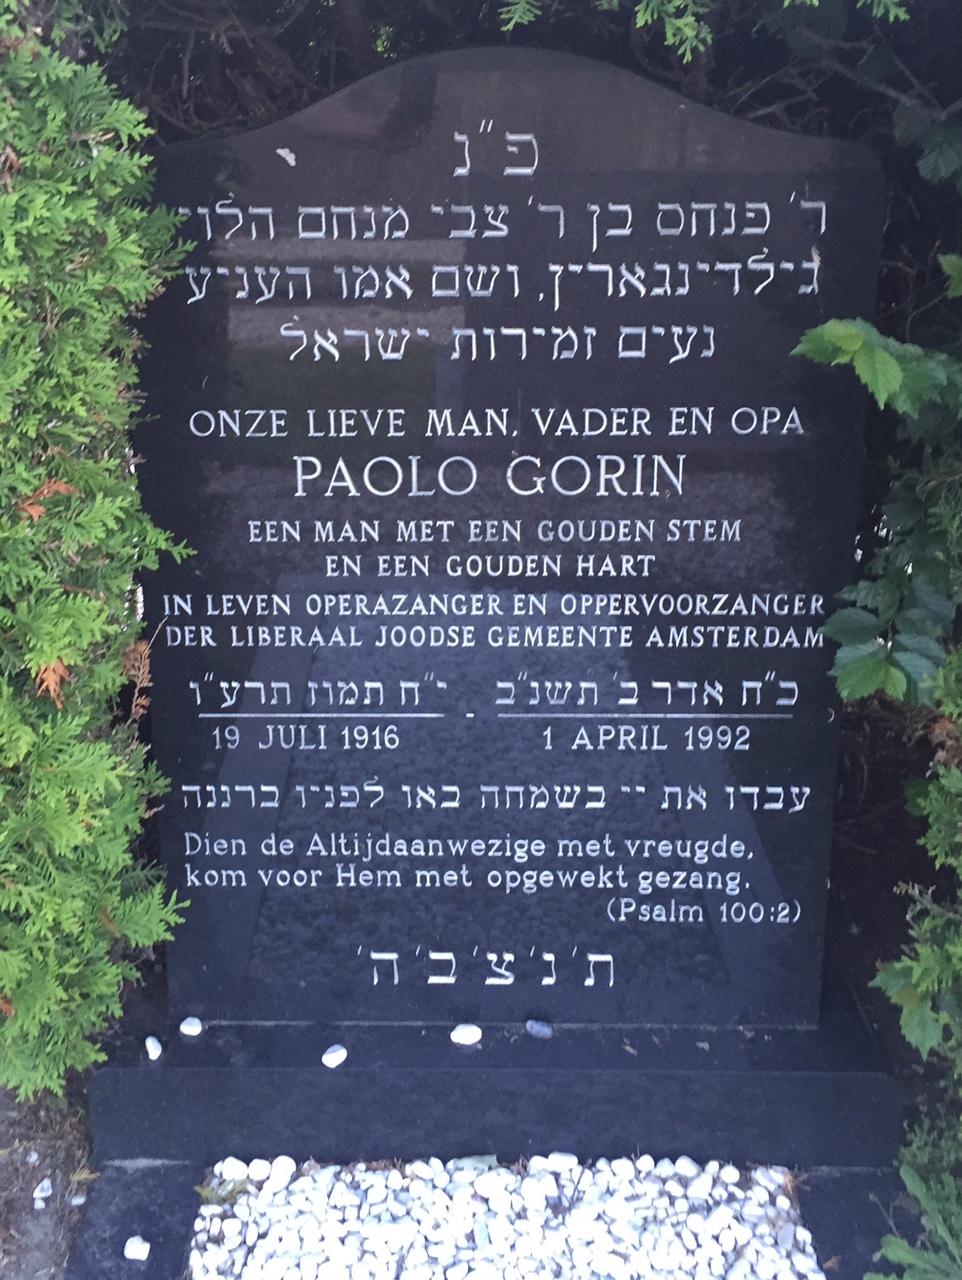 Paolo Gorin Graf